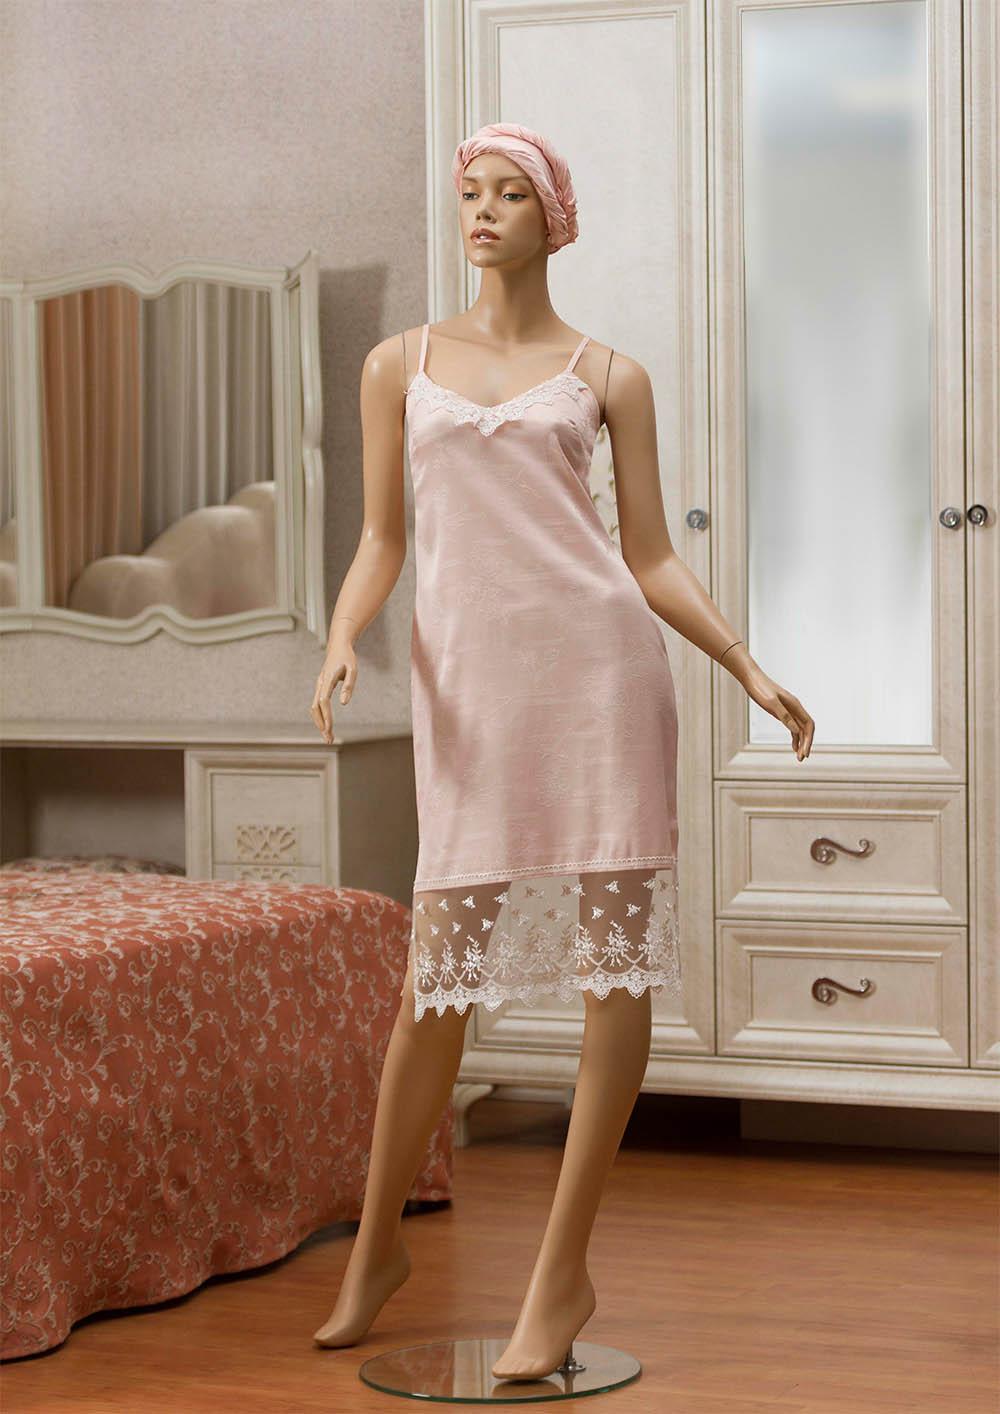 Ночные сорочки Primavelle Ночная сорочка Lavole Цвет: Розовый (S-M) ночные сорочки мамин дом ночная сорочка harmony